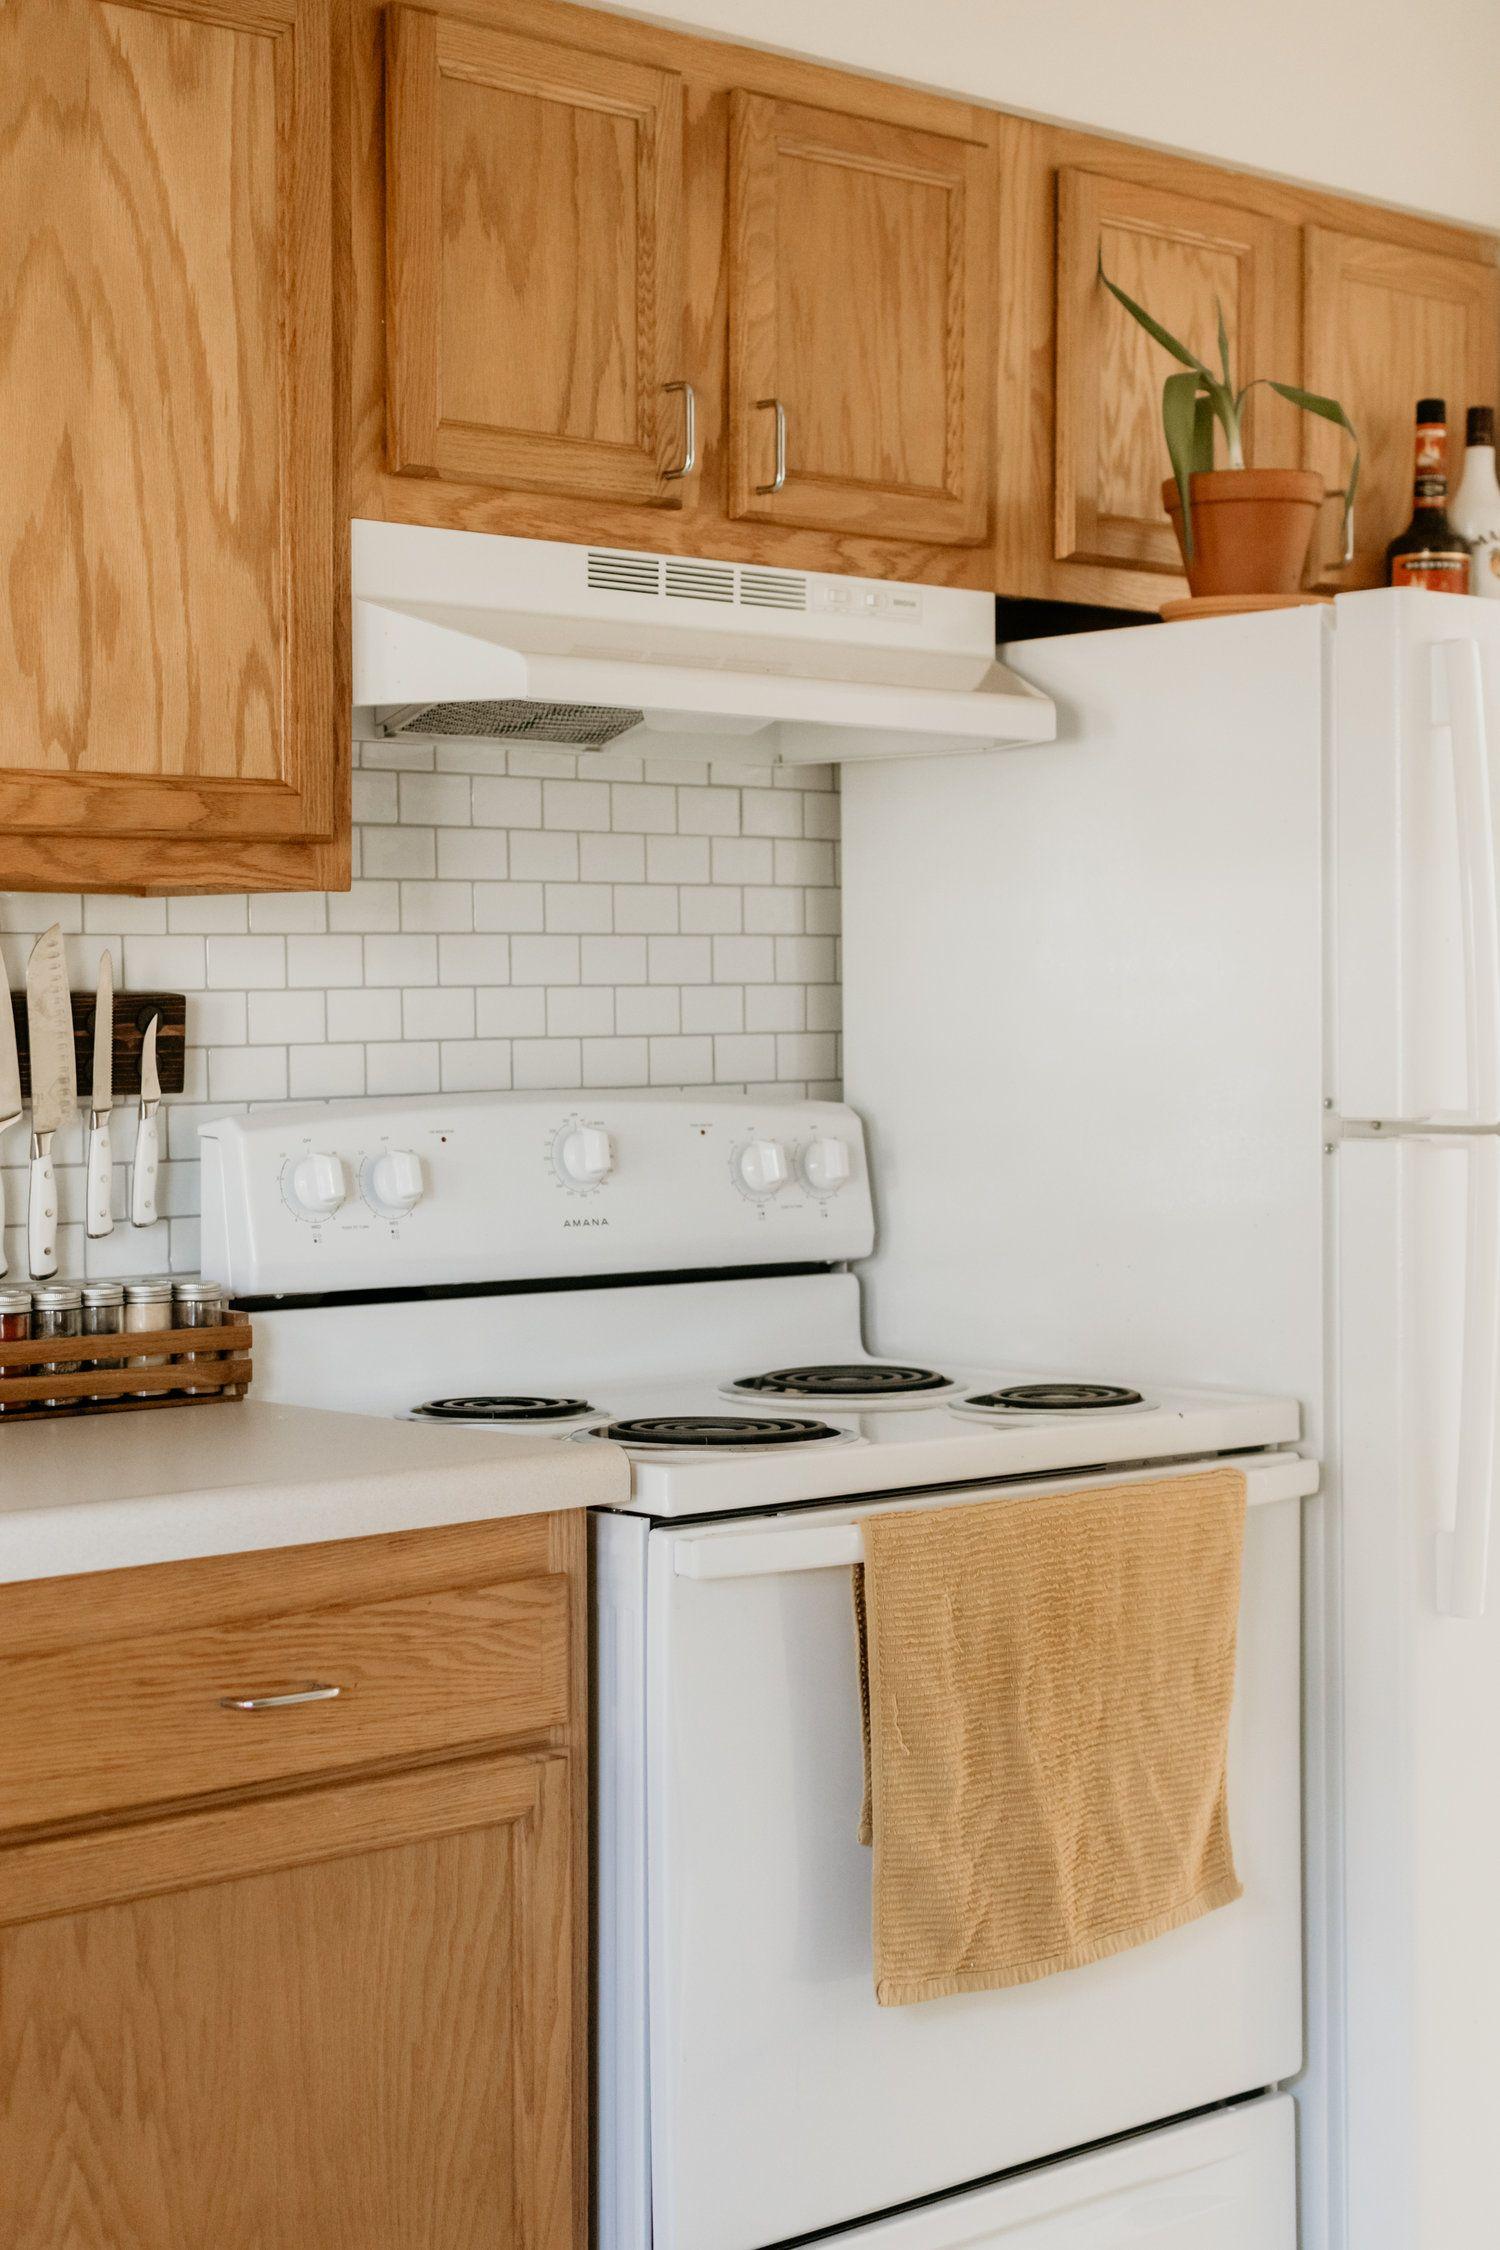 Apartment Tour! | Apartment tour, Kitchen, Oak cabinets